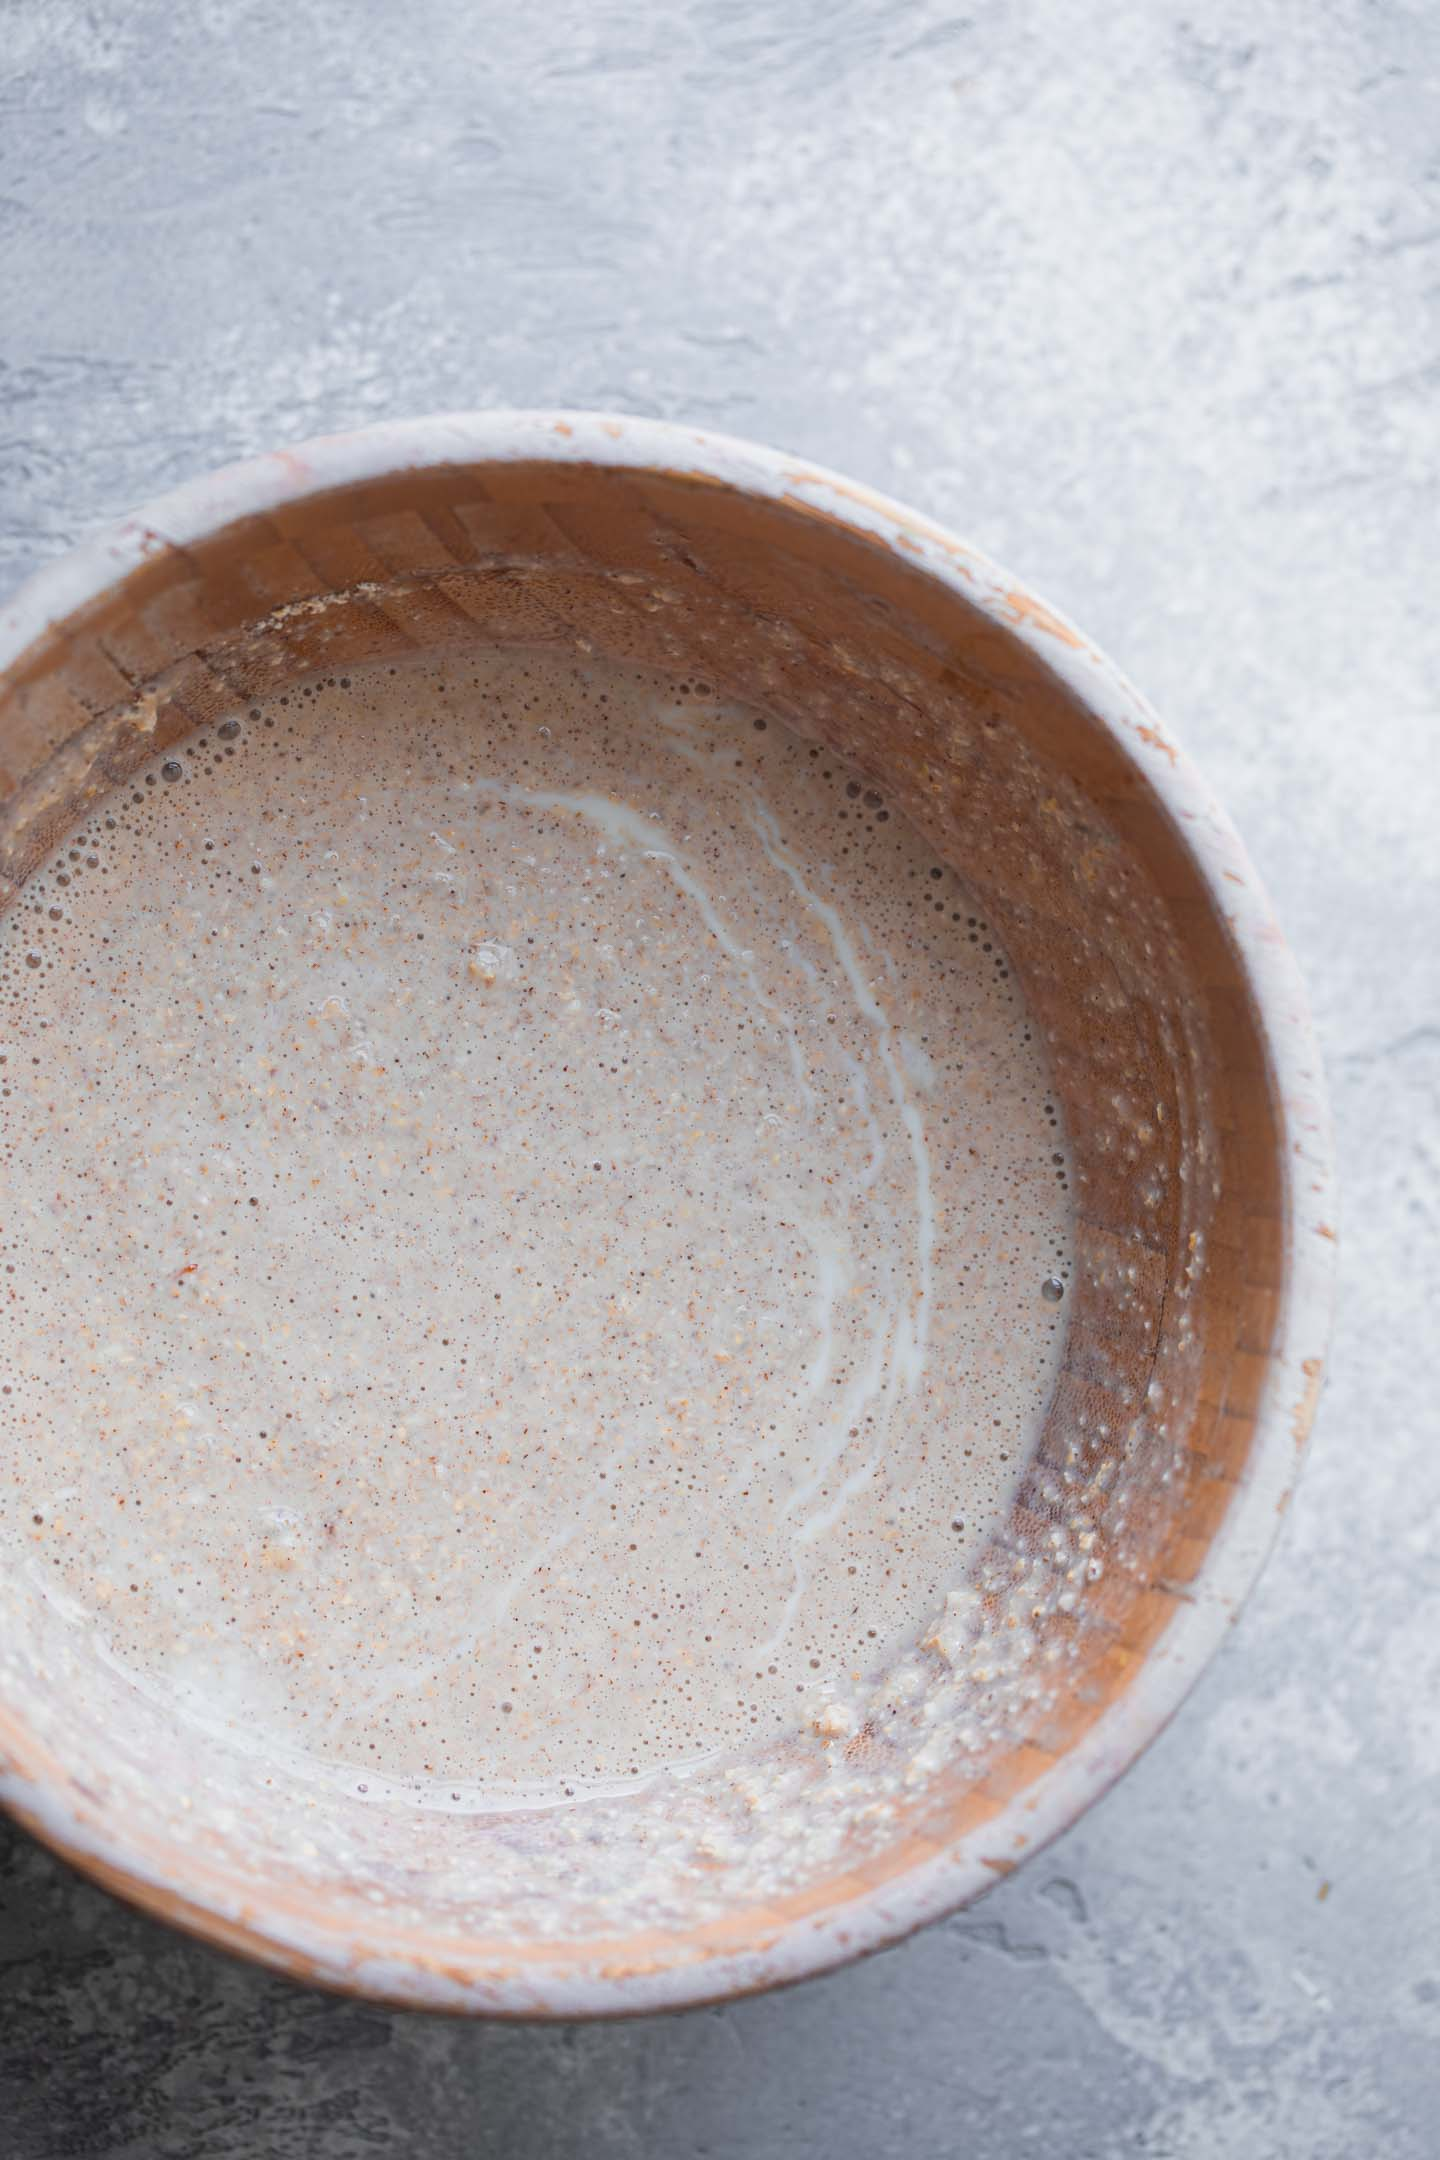 Pancake batter in a mixing bowl